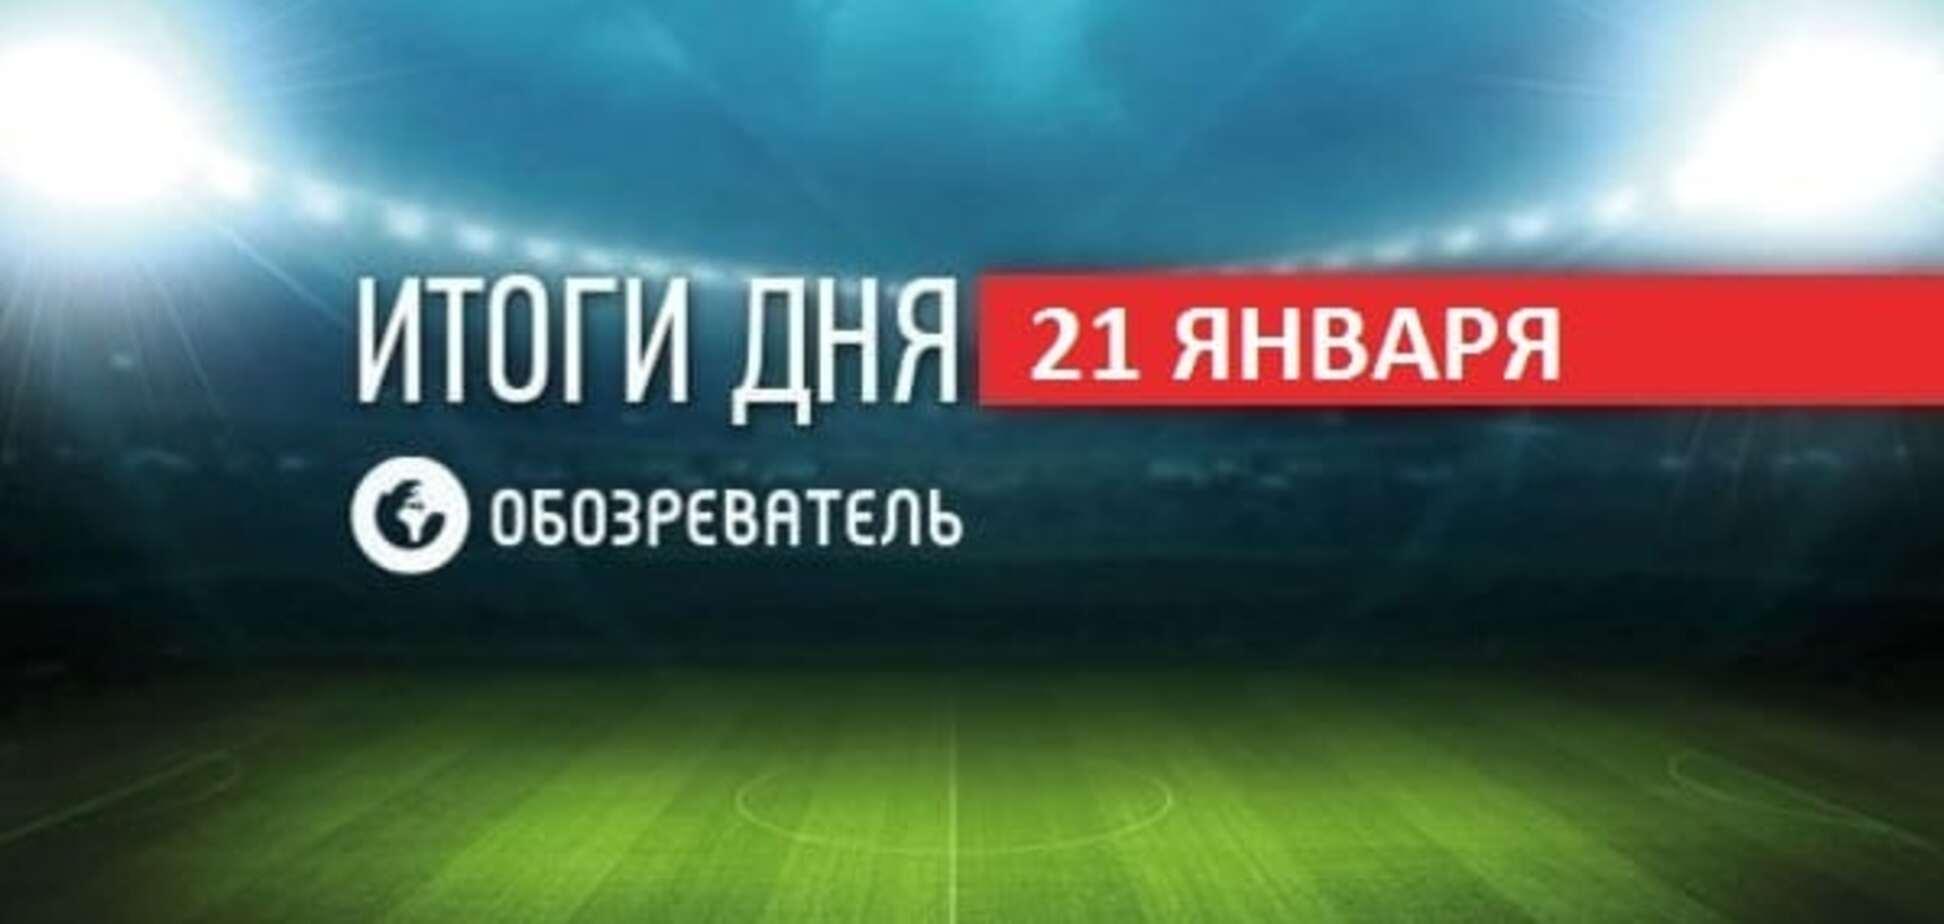 Ф'юрі принизив фанатів Кличка. Спортивні підсумки за 21 січня